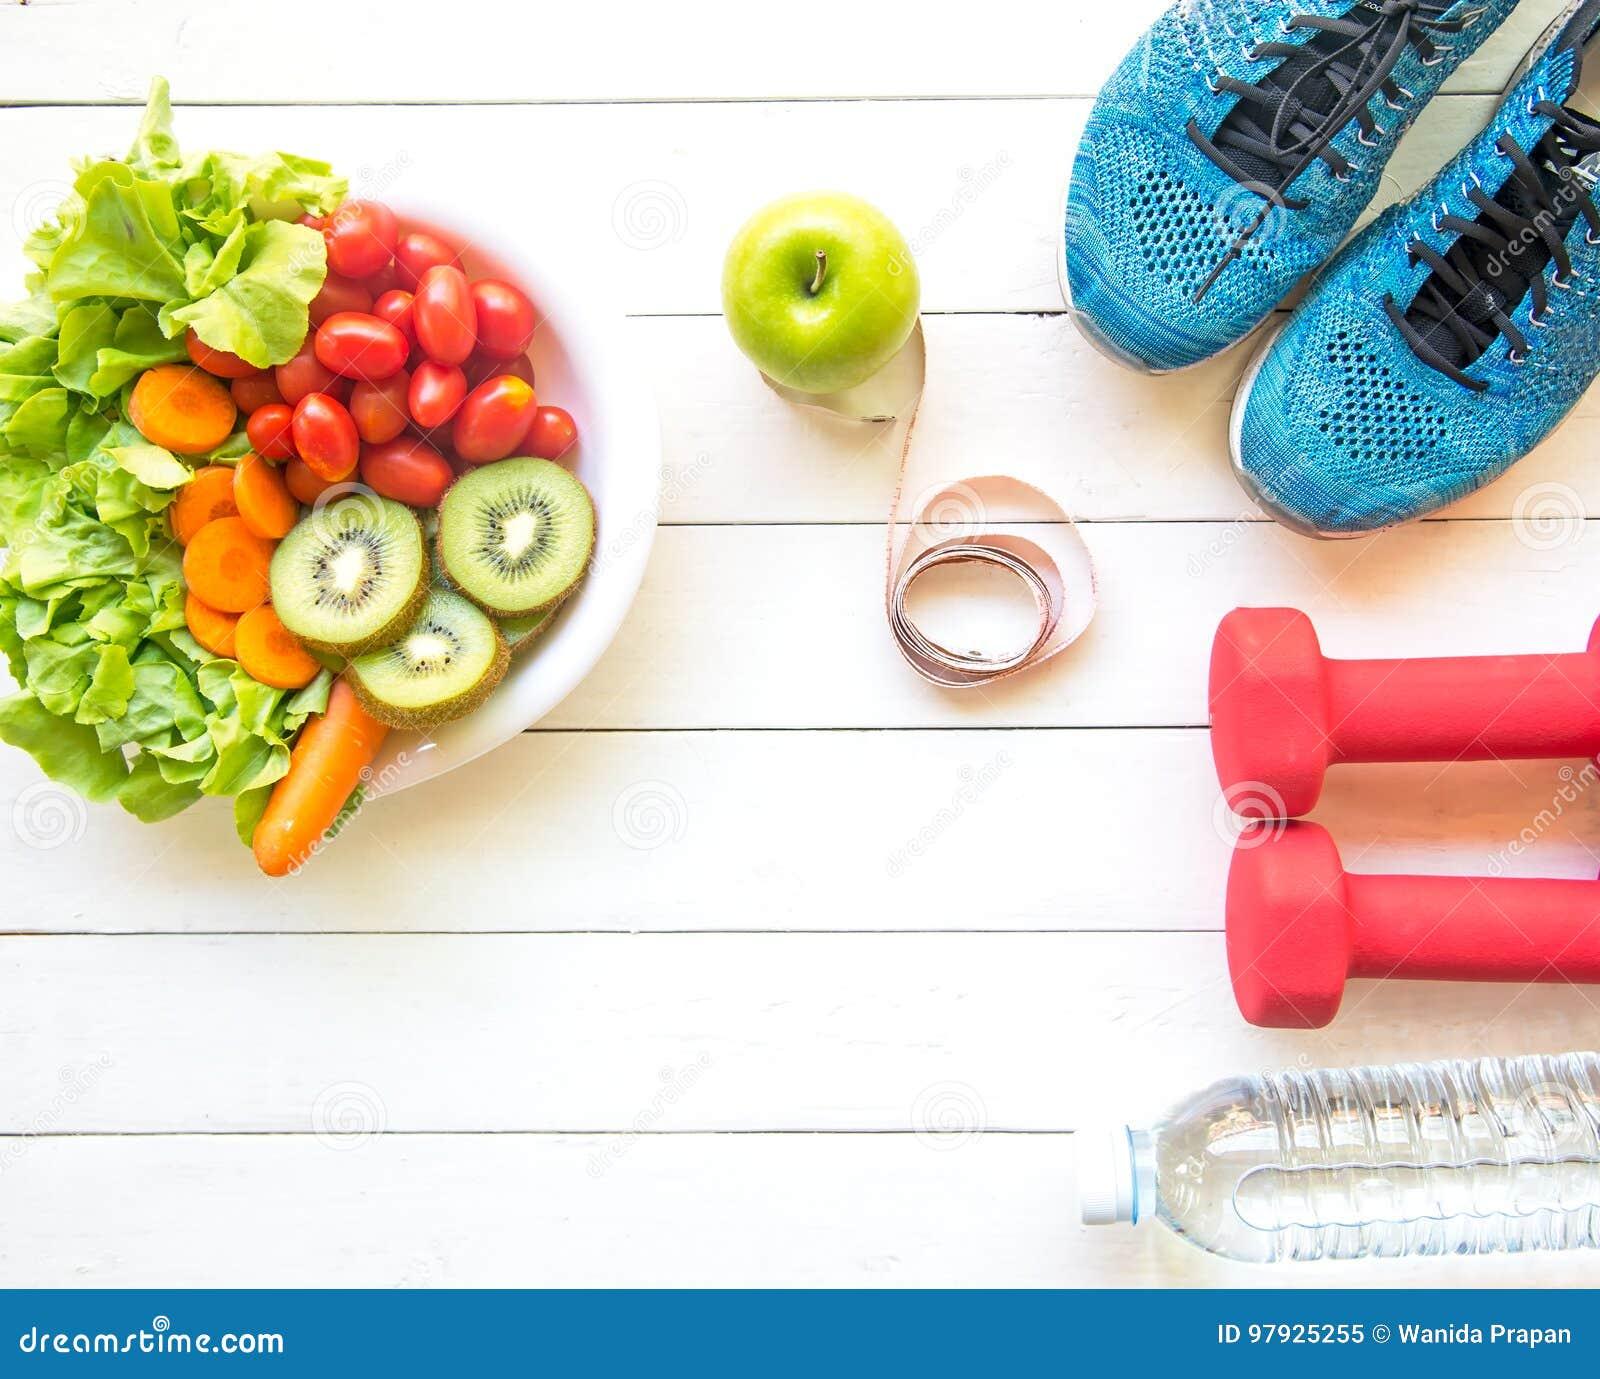 妇女的健康生活方式节食用运动器材、运动鞋、测量的磁带、菜新鲜,绿色苹果和瓶水